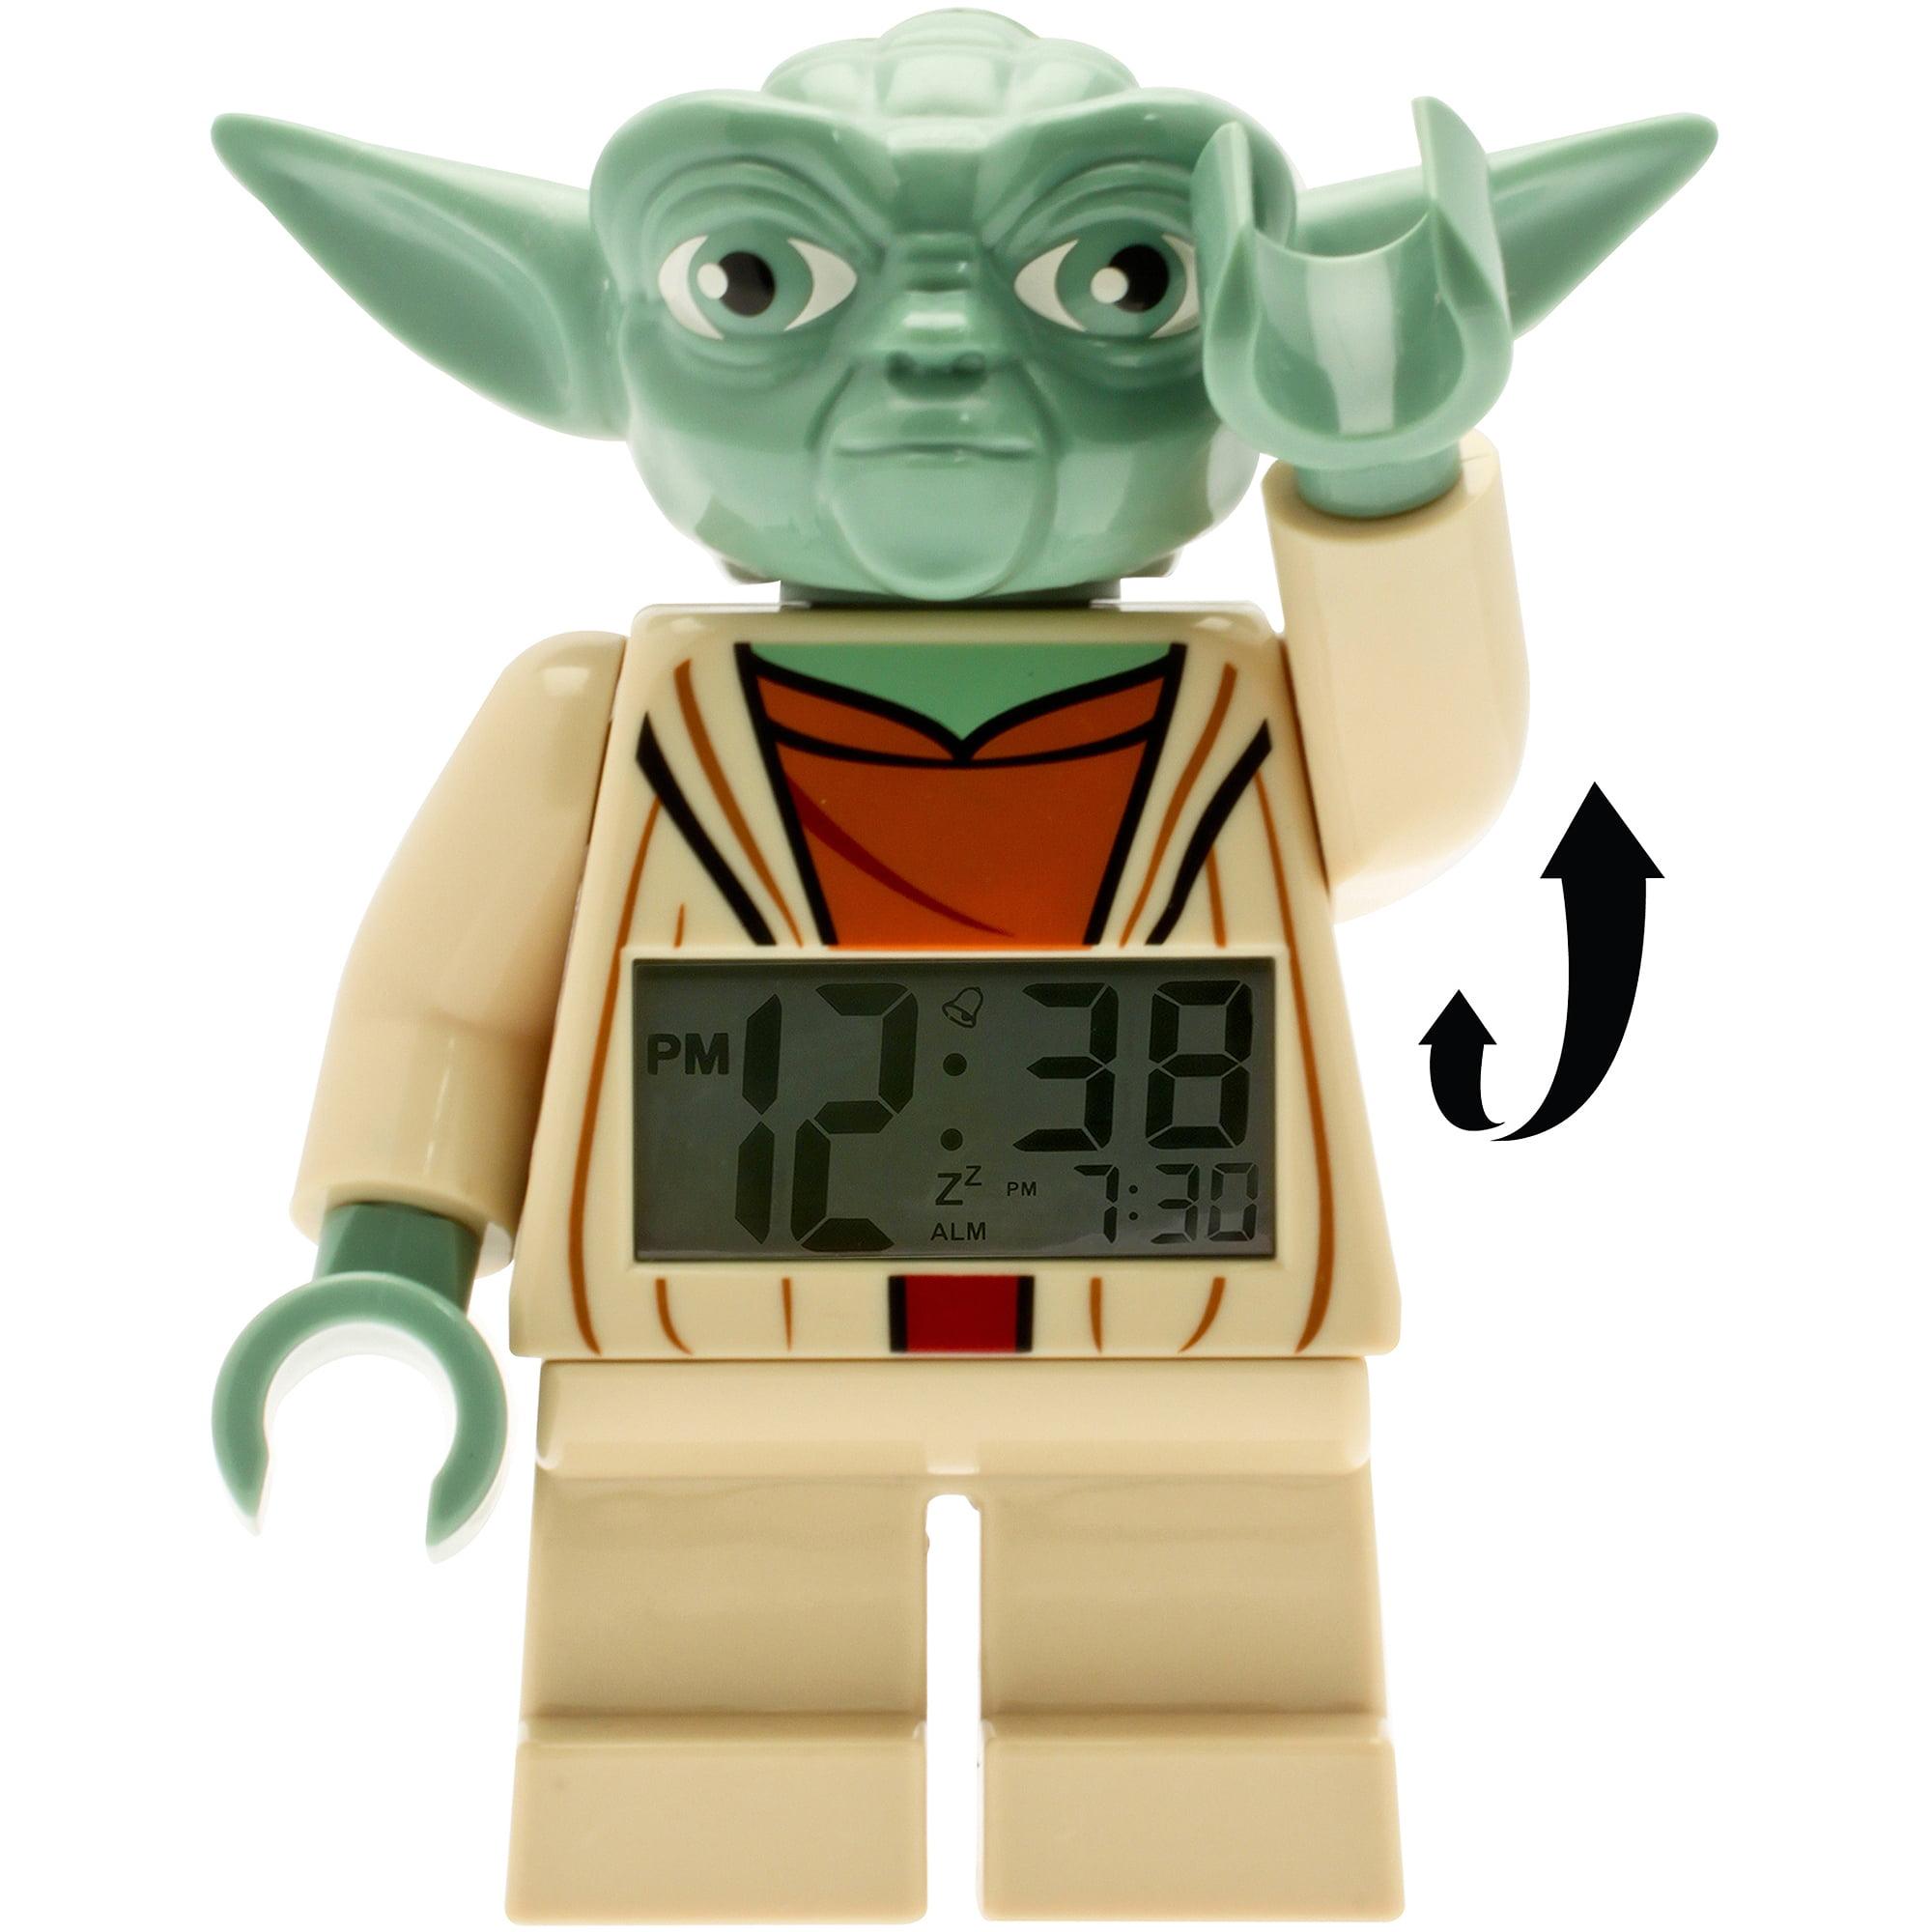 lego star wars yoda fig clock walmartcom - Lego Yoda